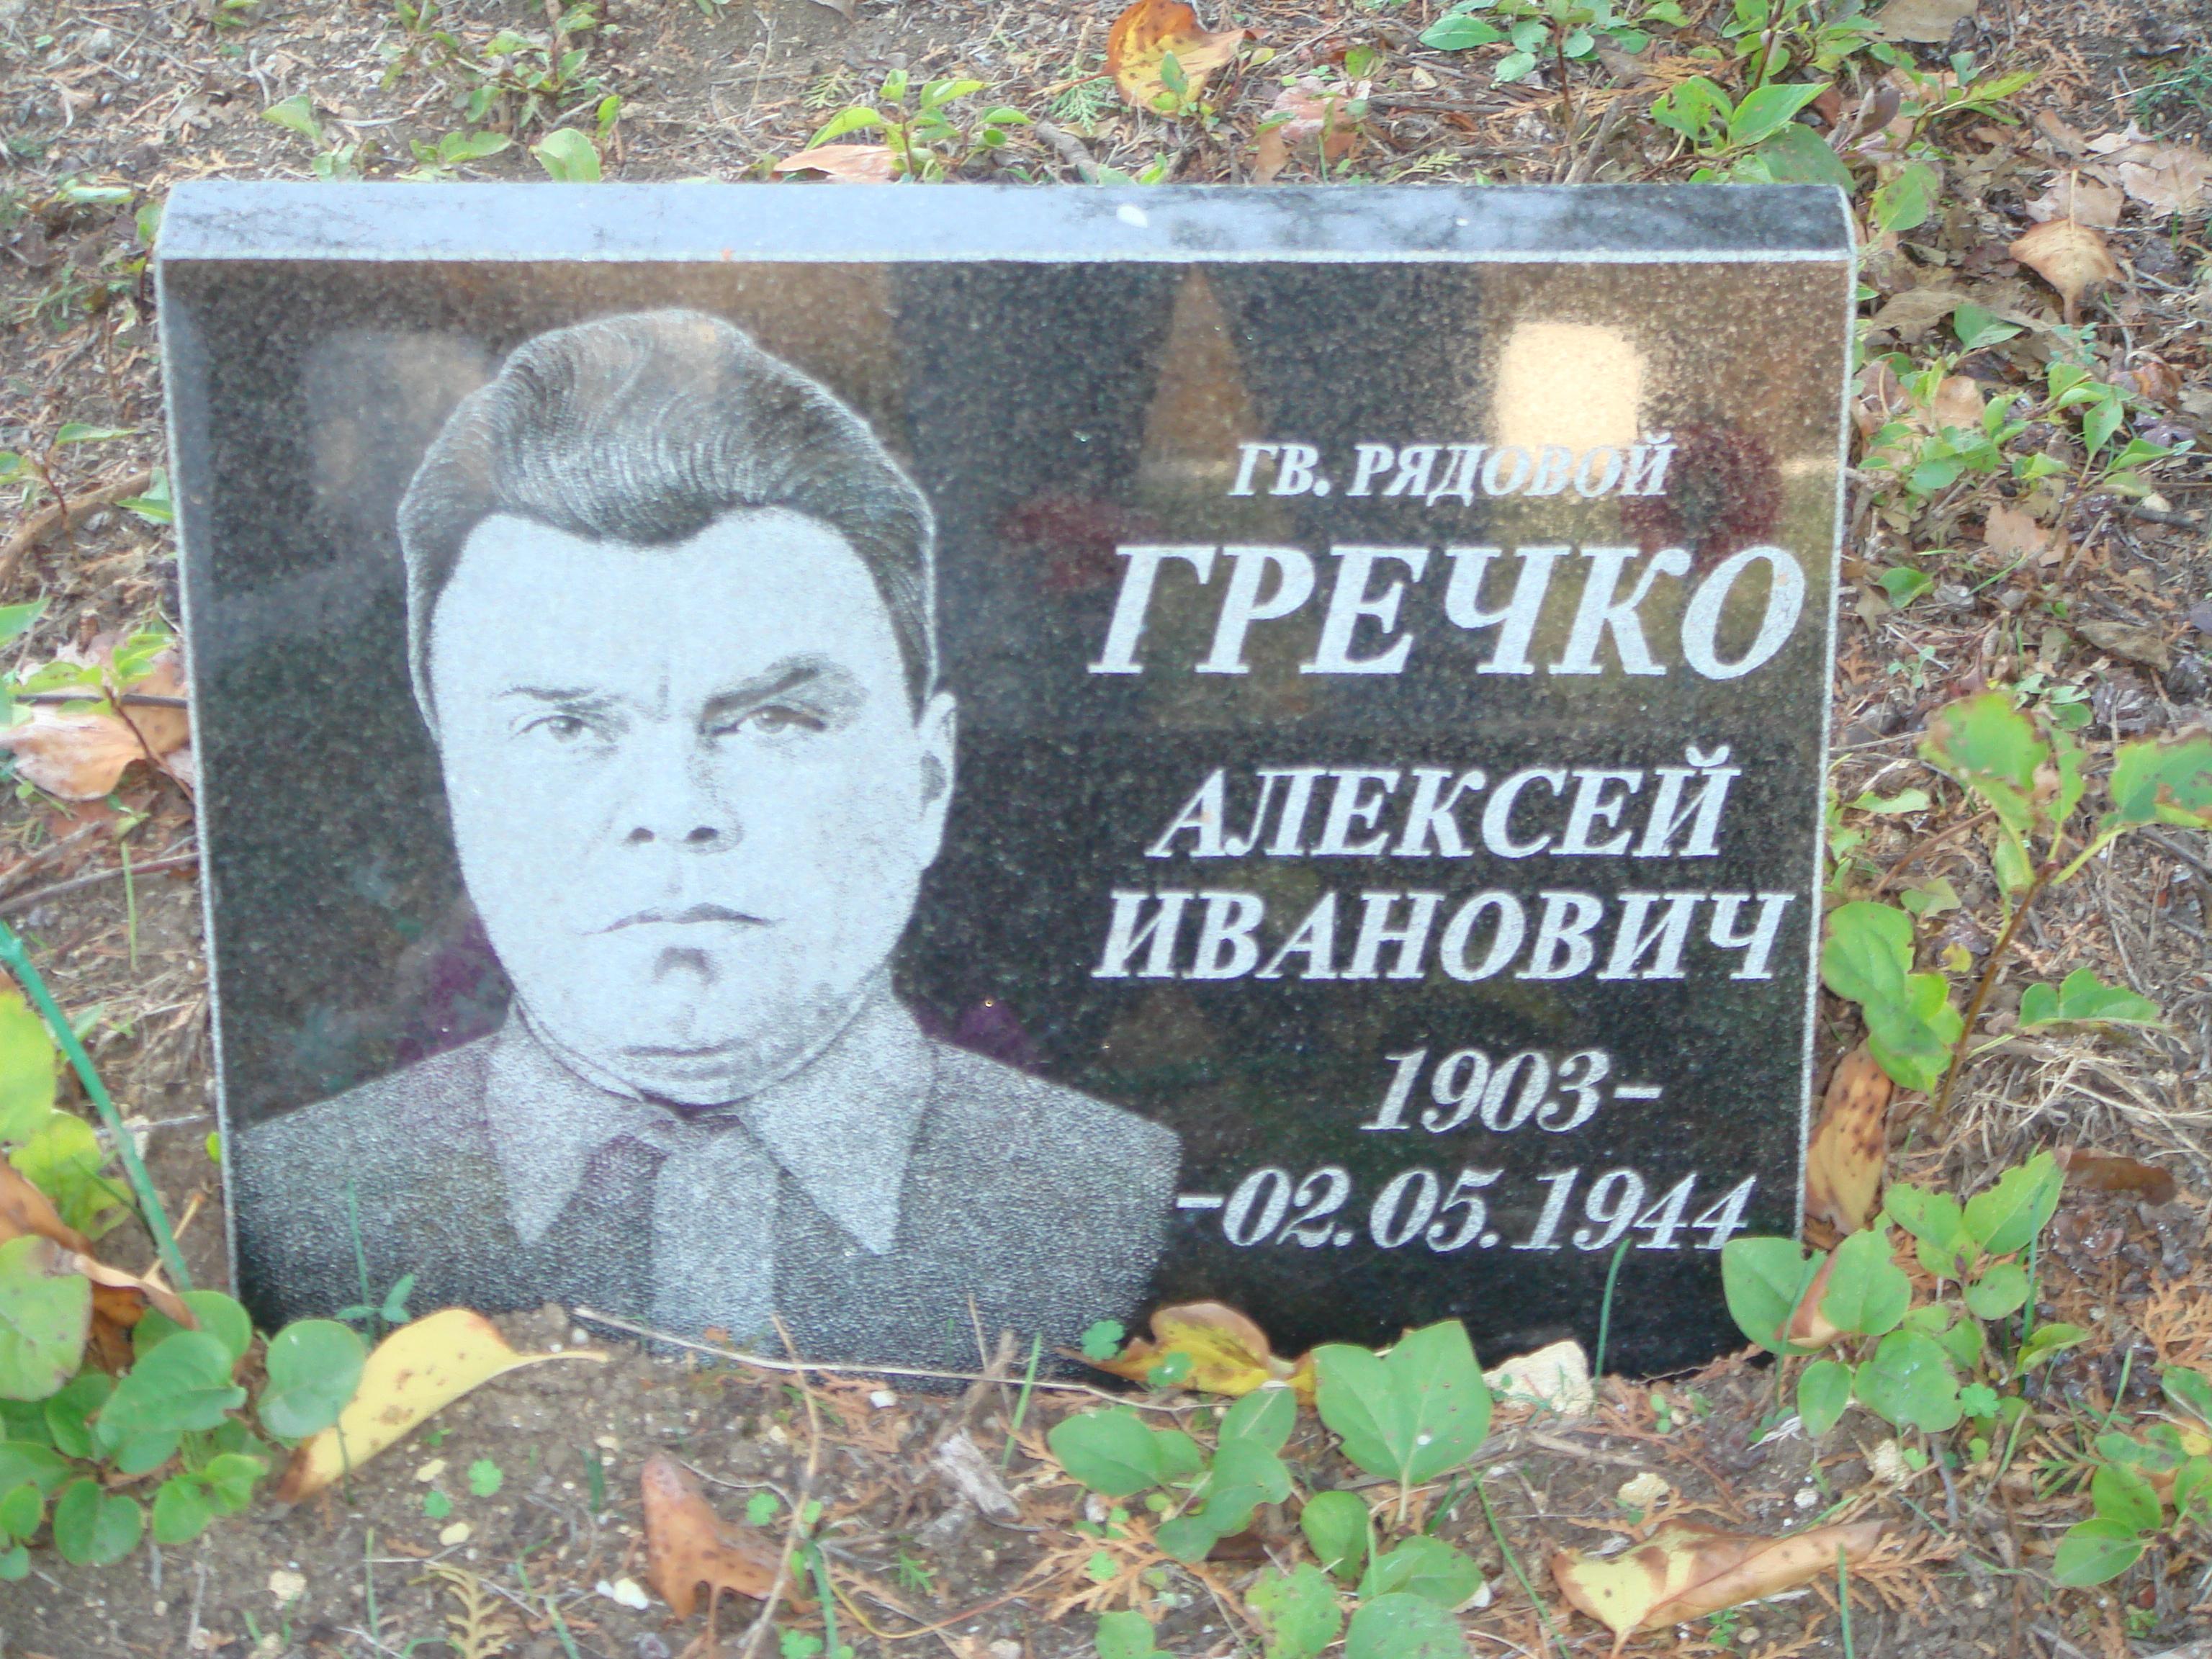 гвардии рядовой Гречко А.И. 1903-1944